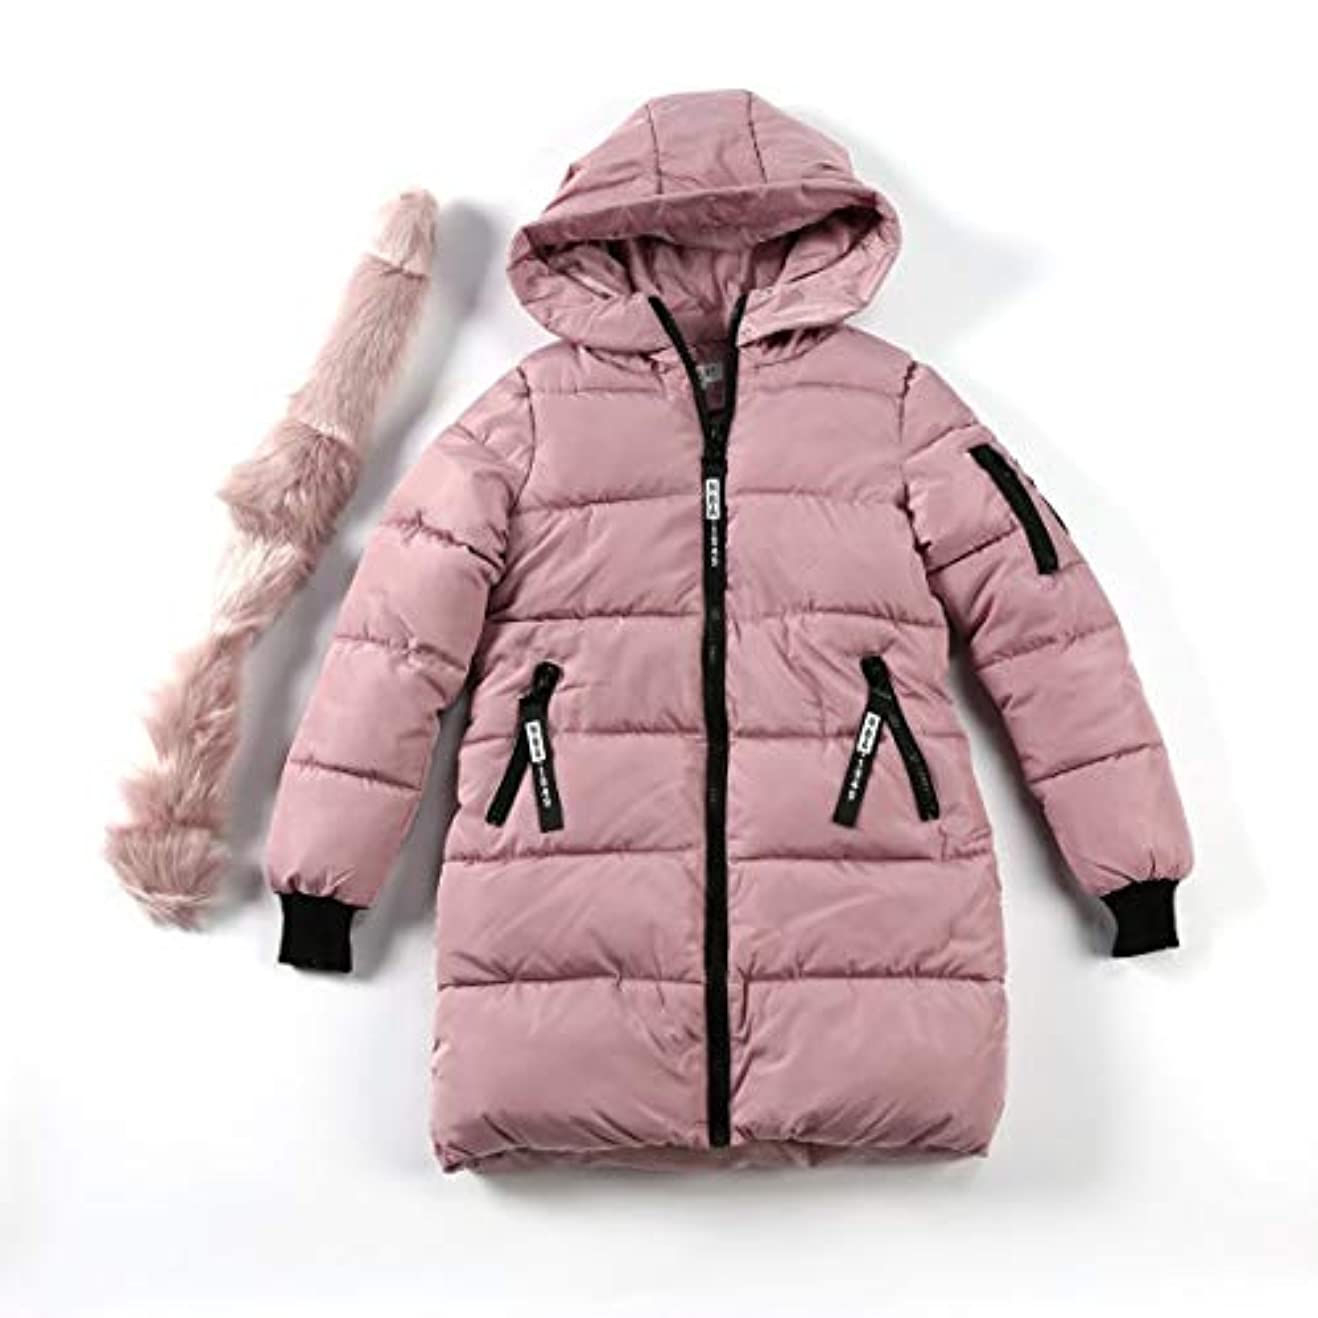 評価可能裁定潤滑する韓国スタイルの女性のコートファッションオールマッチフード付きダウンジャケット綿パッド入りの厚く暖かいコートミドルロング冬生き抜くコート-ライトピンクXl